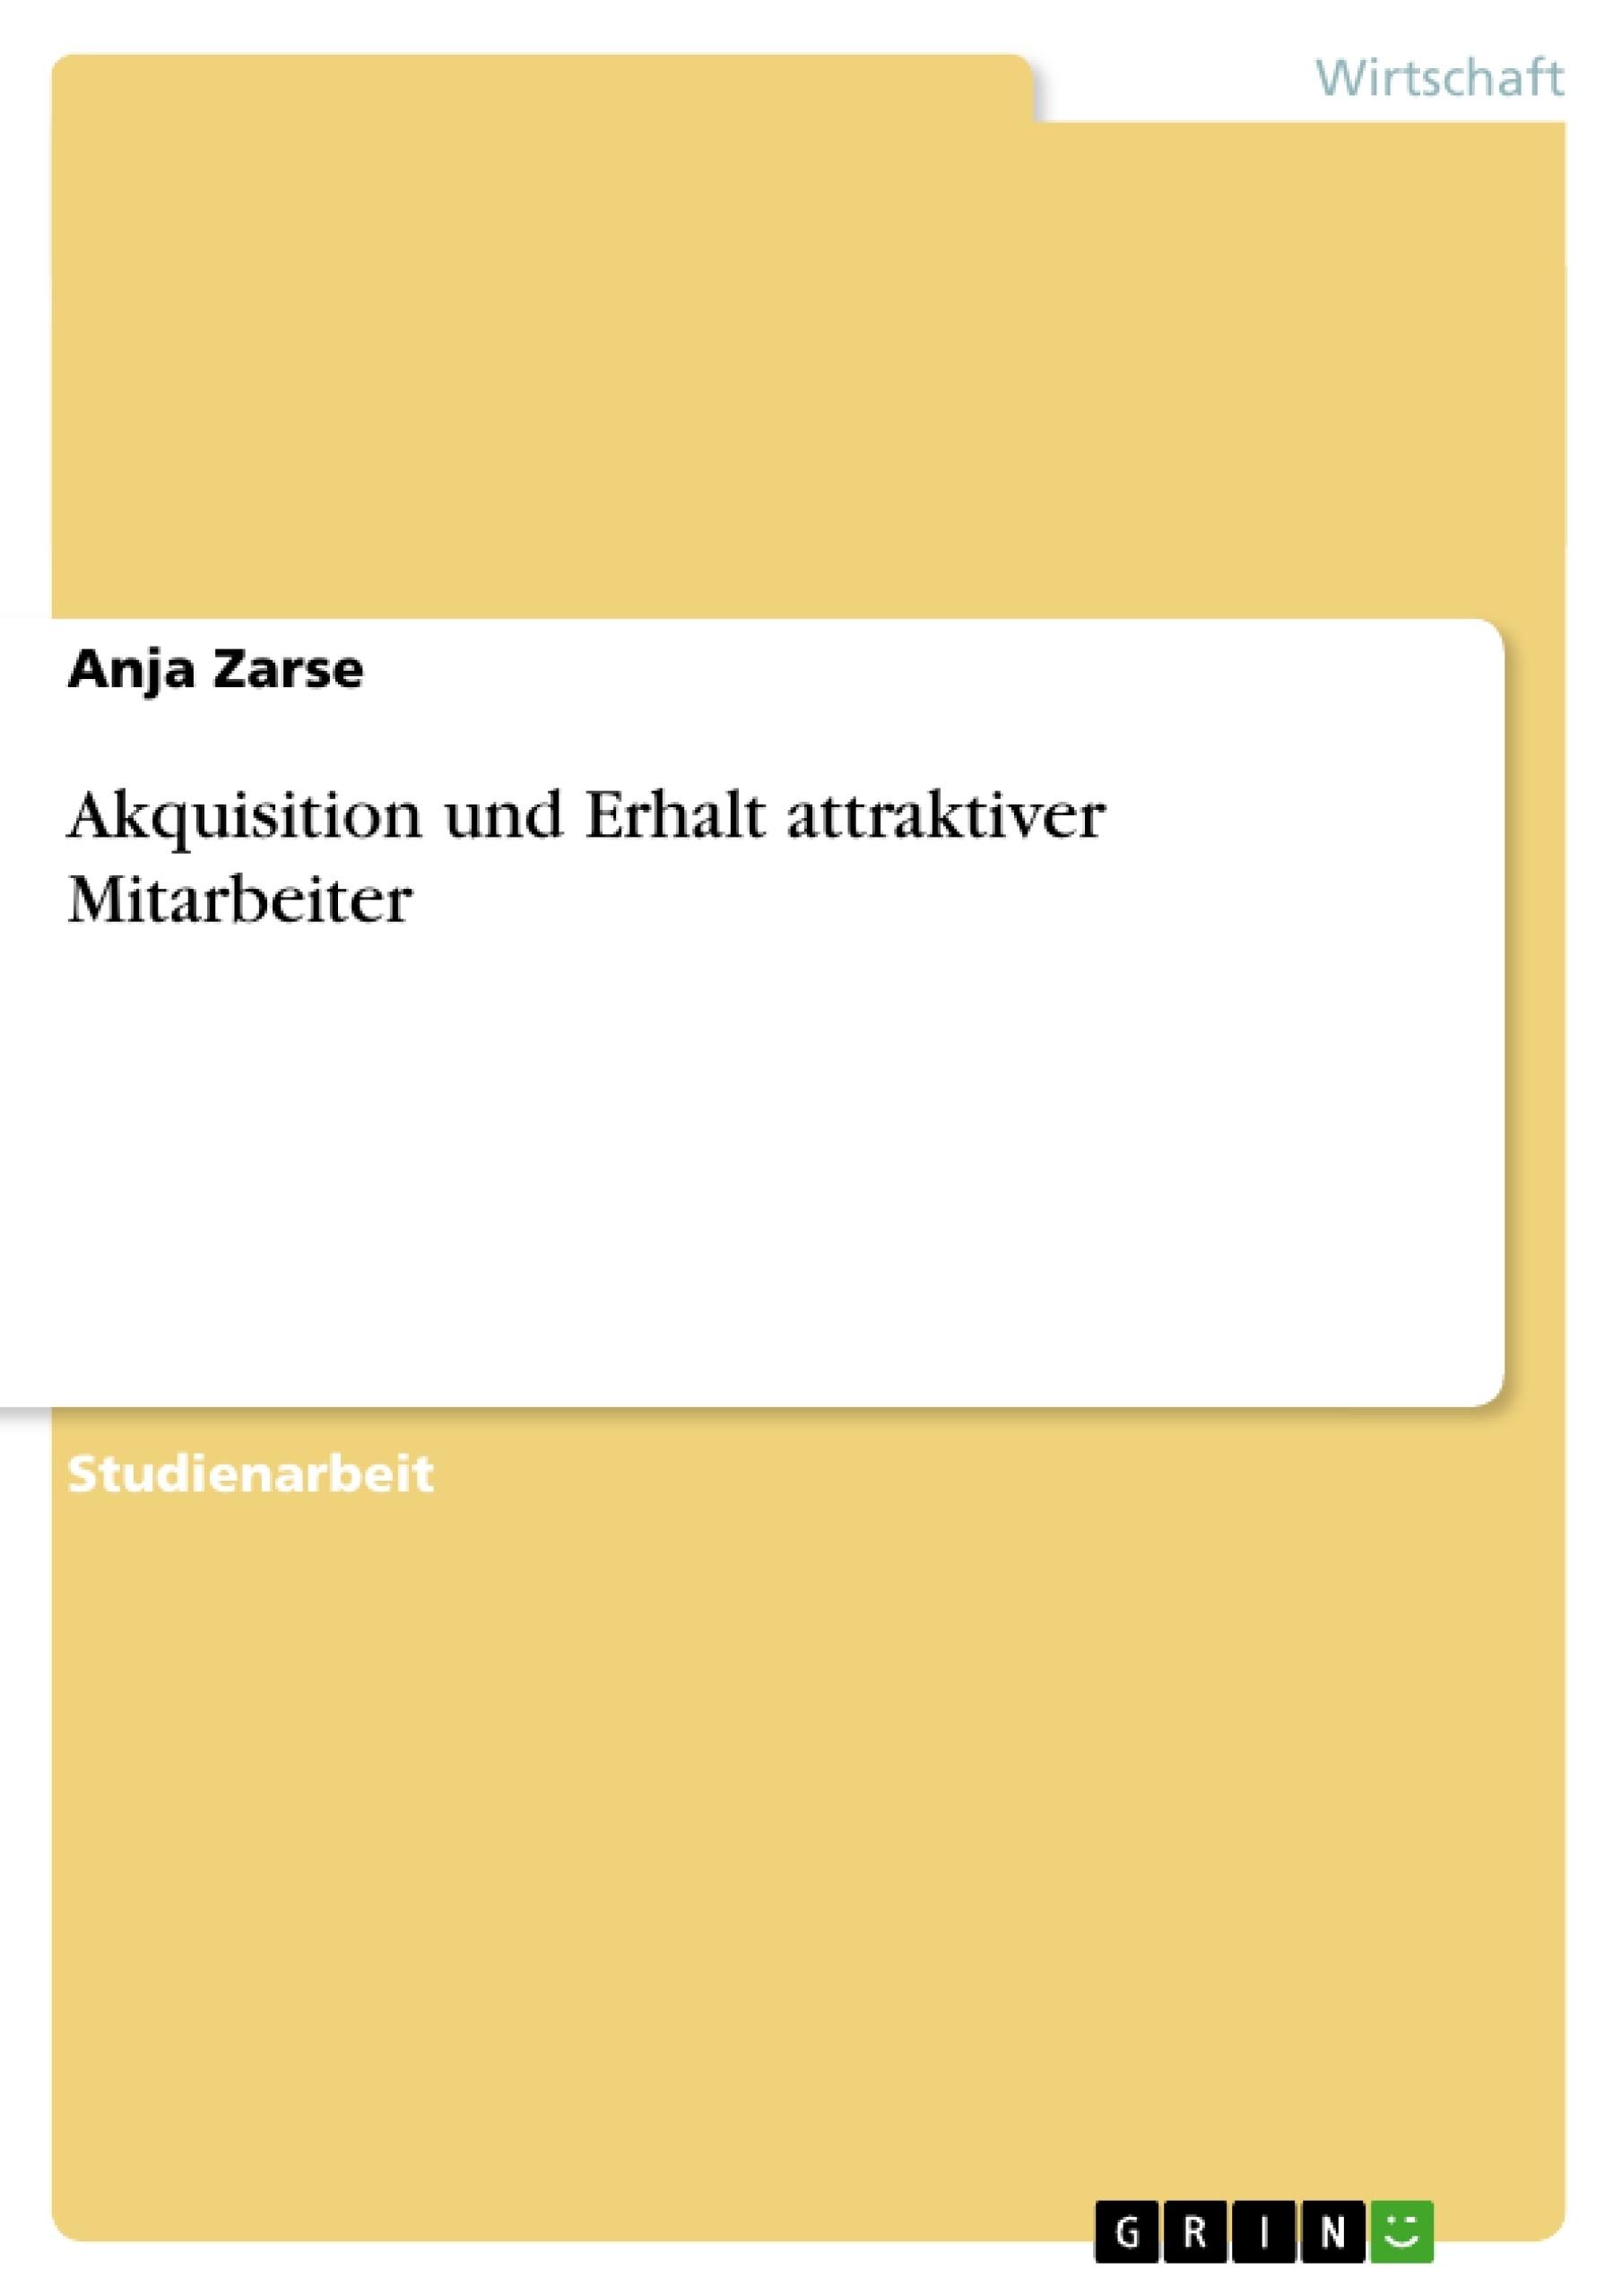 Titel: Akquisition und Erhalt attraktiver Mitarbeiter